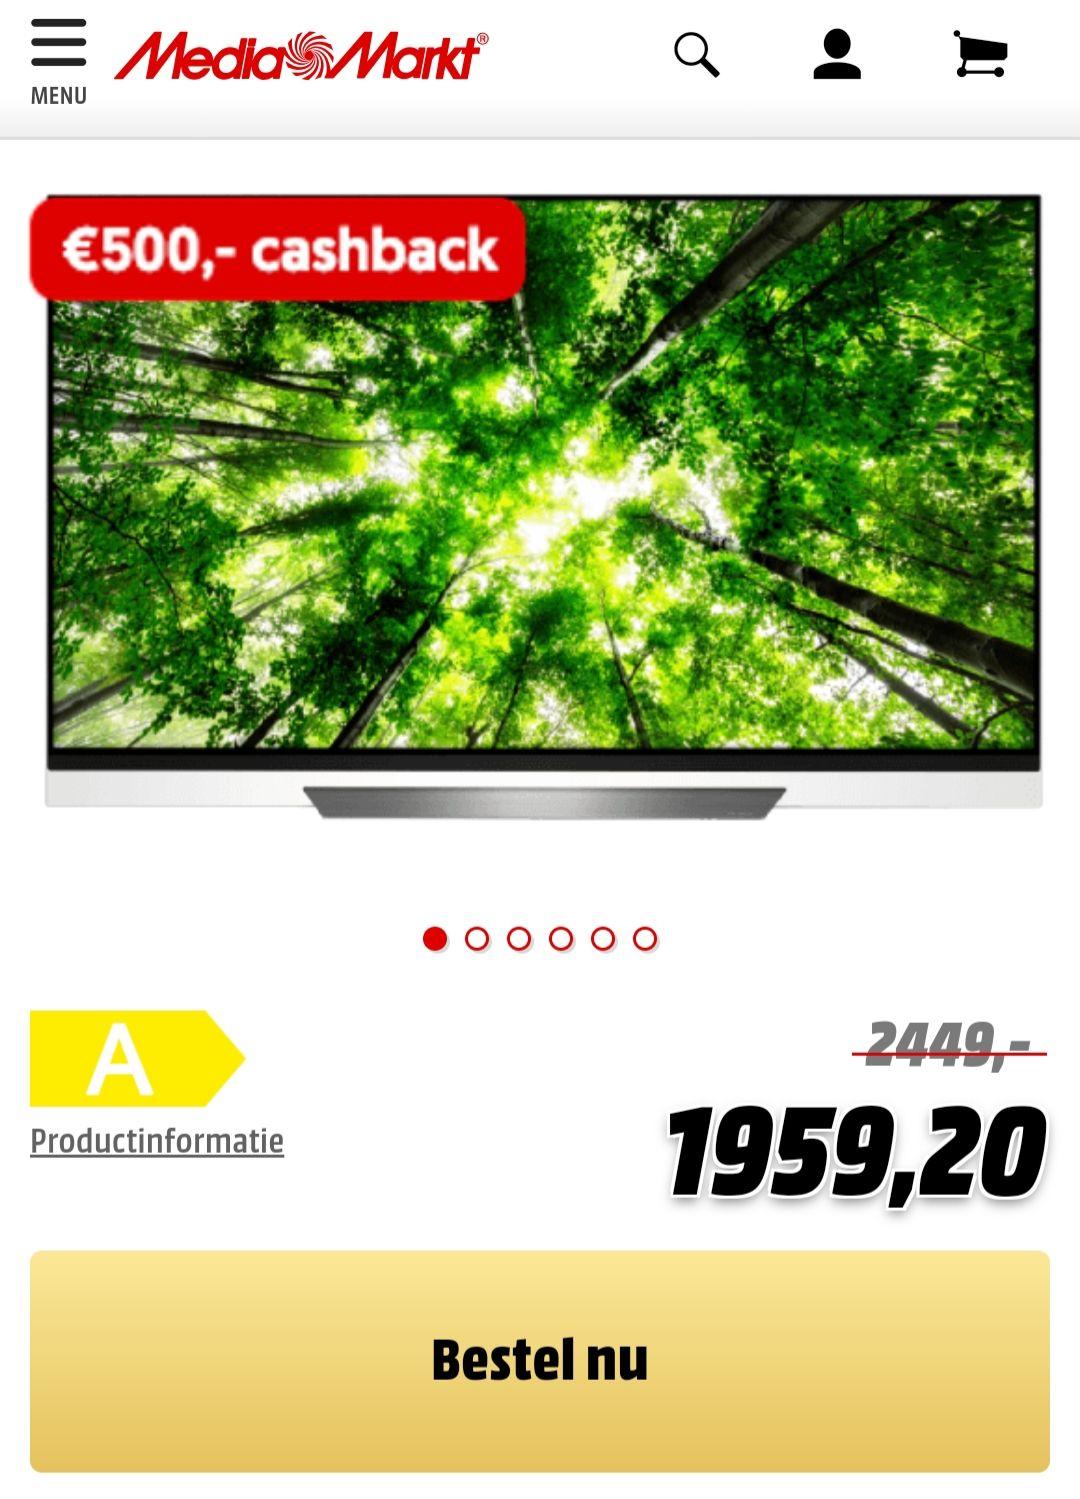 LG OLED 55E8PLA (€1459,20 na cashback)